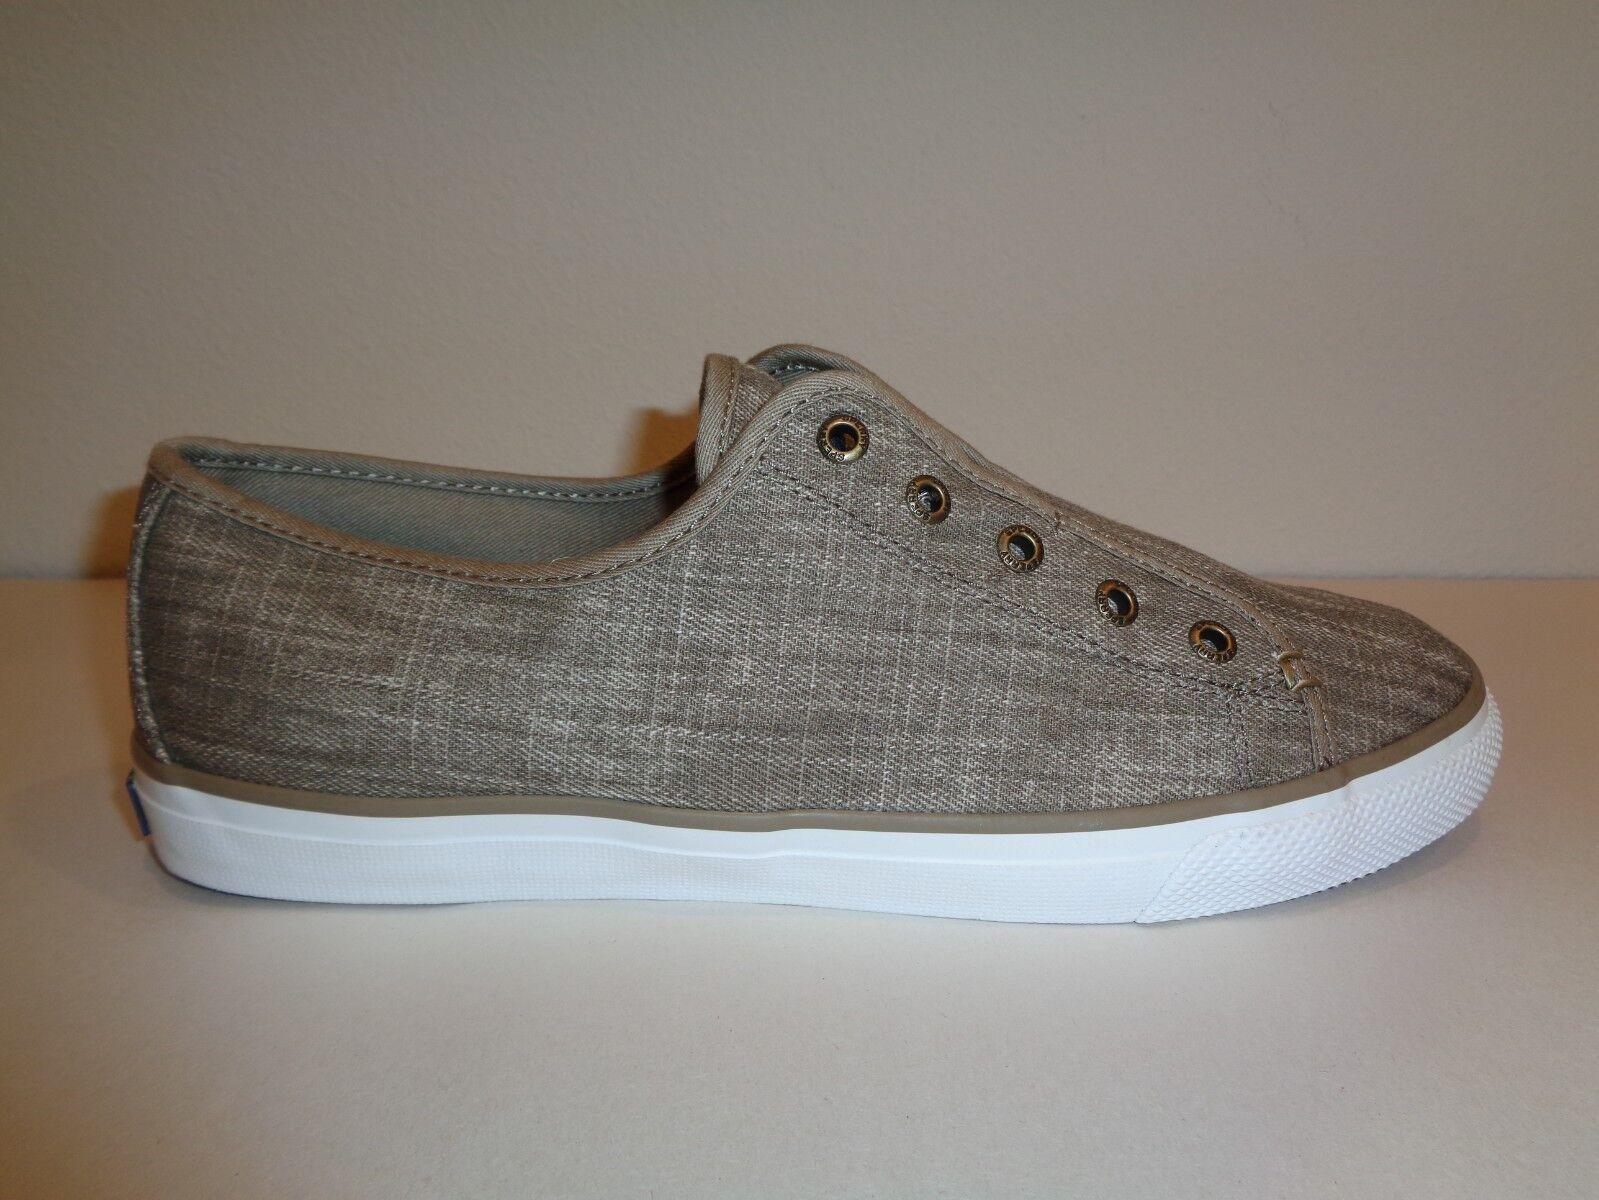 Sperry Top Sider Talla 9.5 M Costa Ripstop Ripstop Ripstop Taupe Zapatillas nuevo Zapatos para mujer  Tienda de moda y compras online.